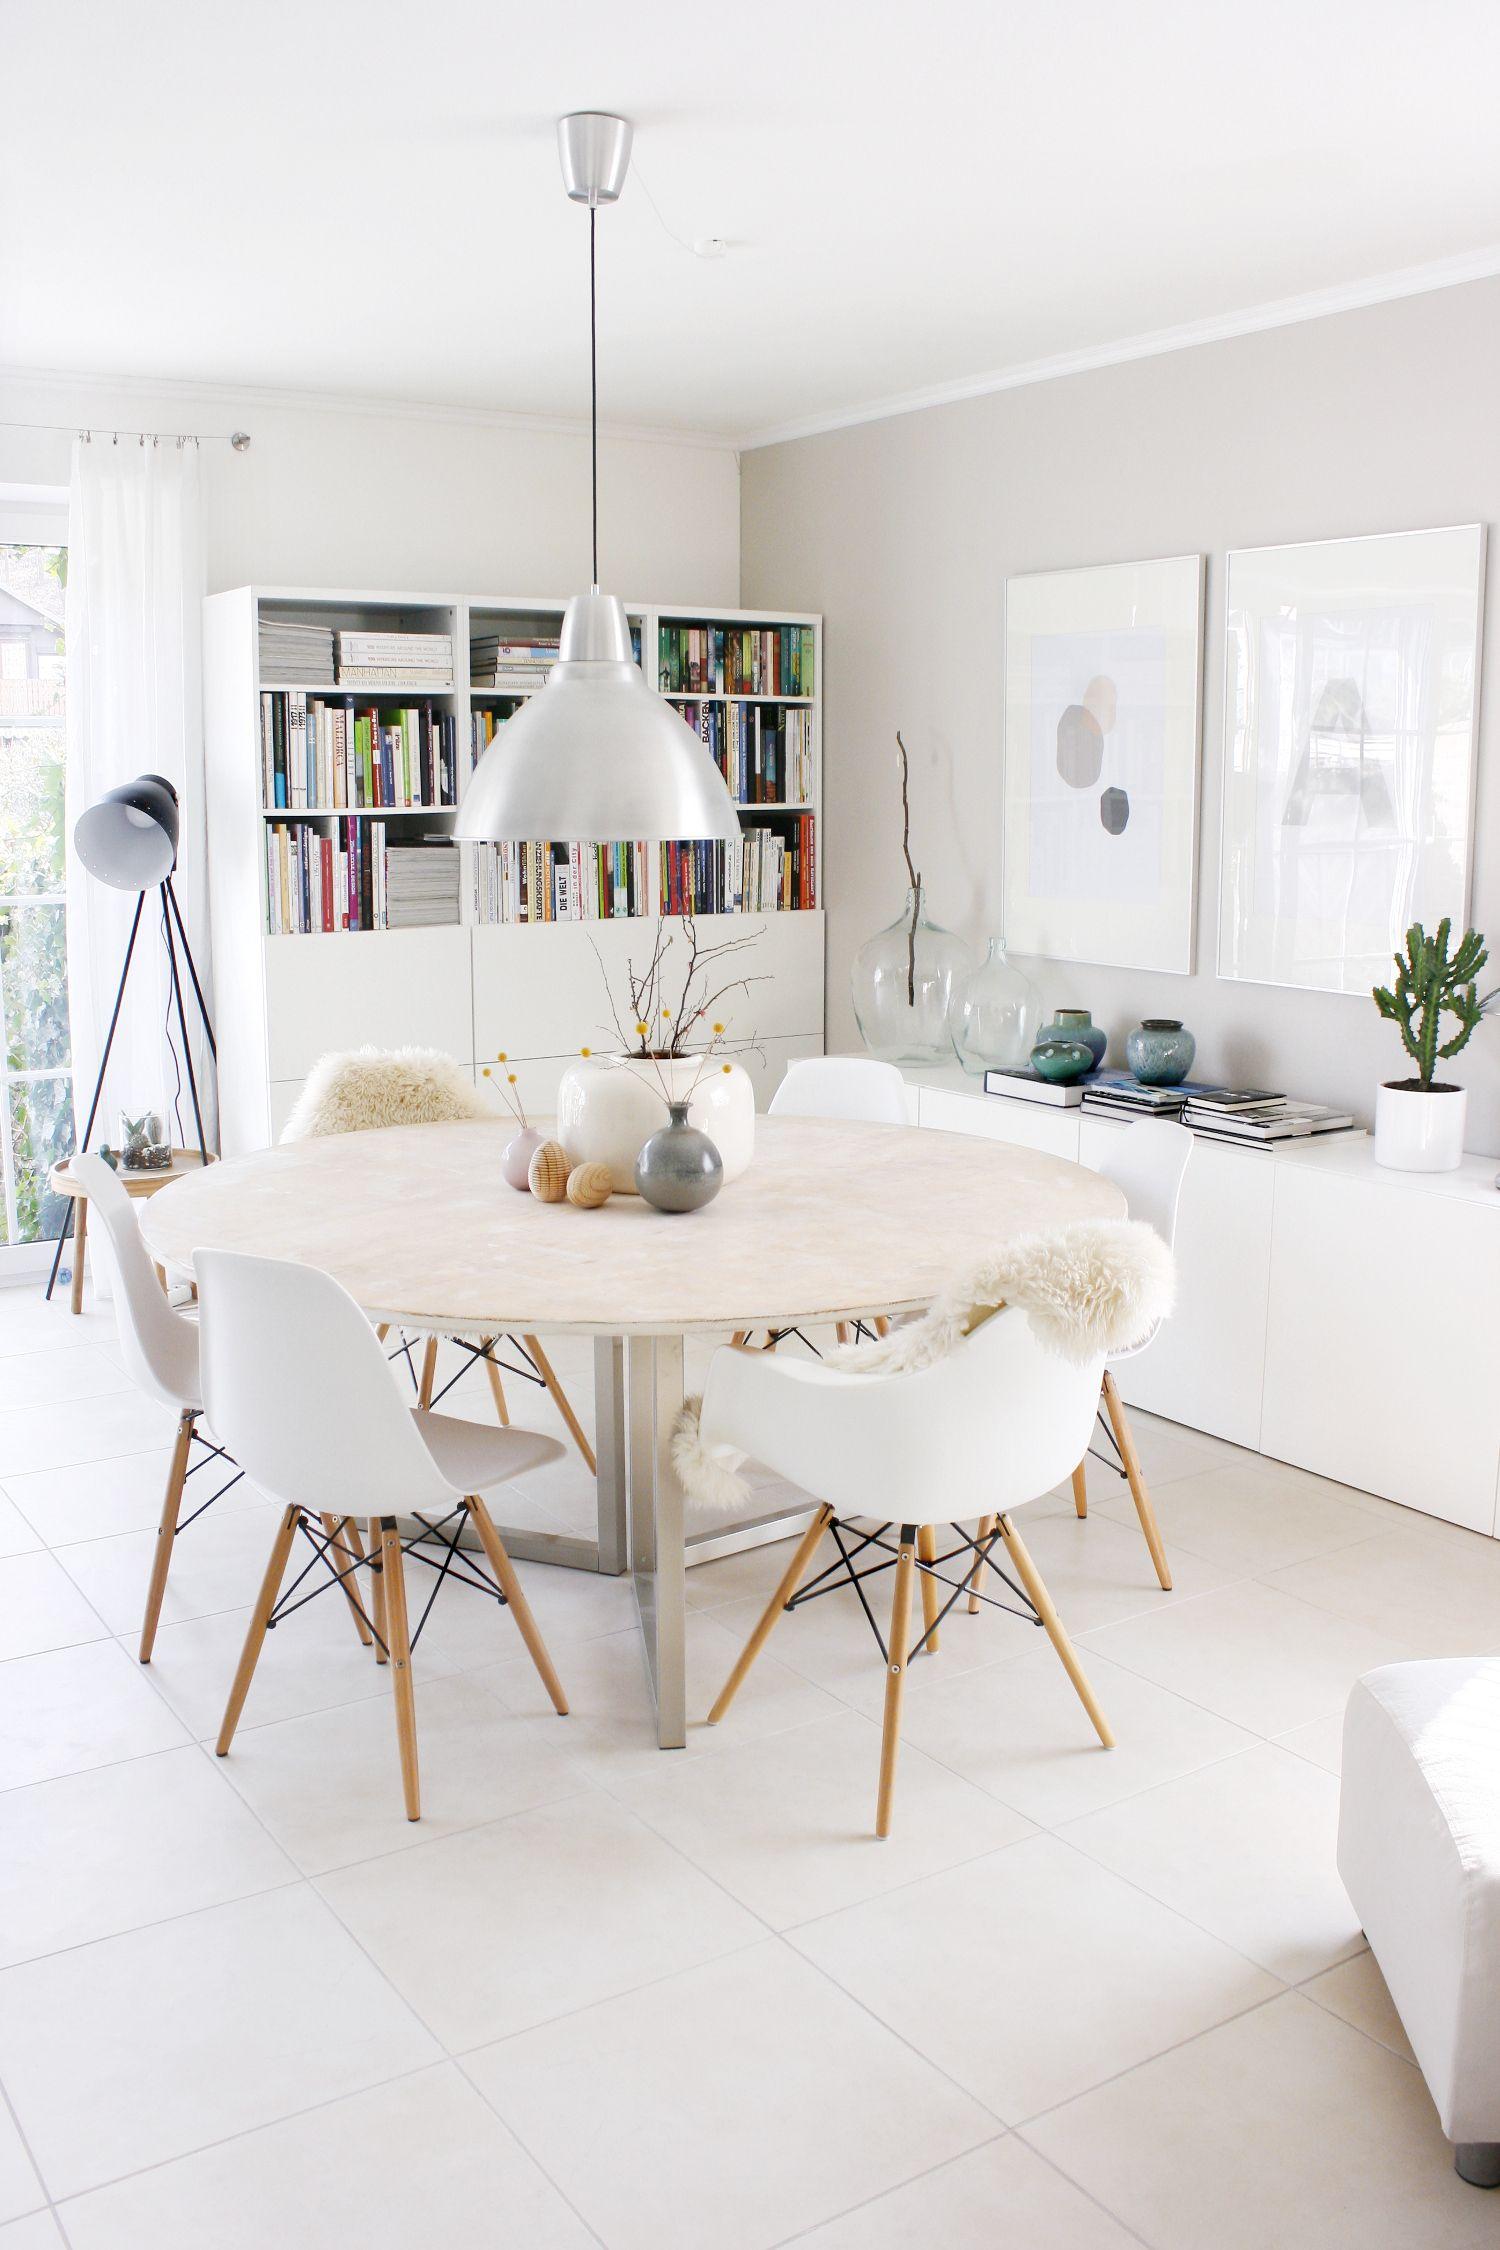 die sthle - Luxus Hausrenovierung Perfektes Wohnzimmer Stuhle Design